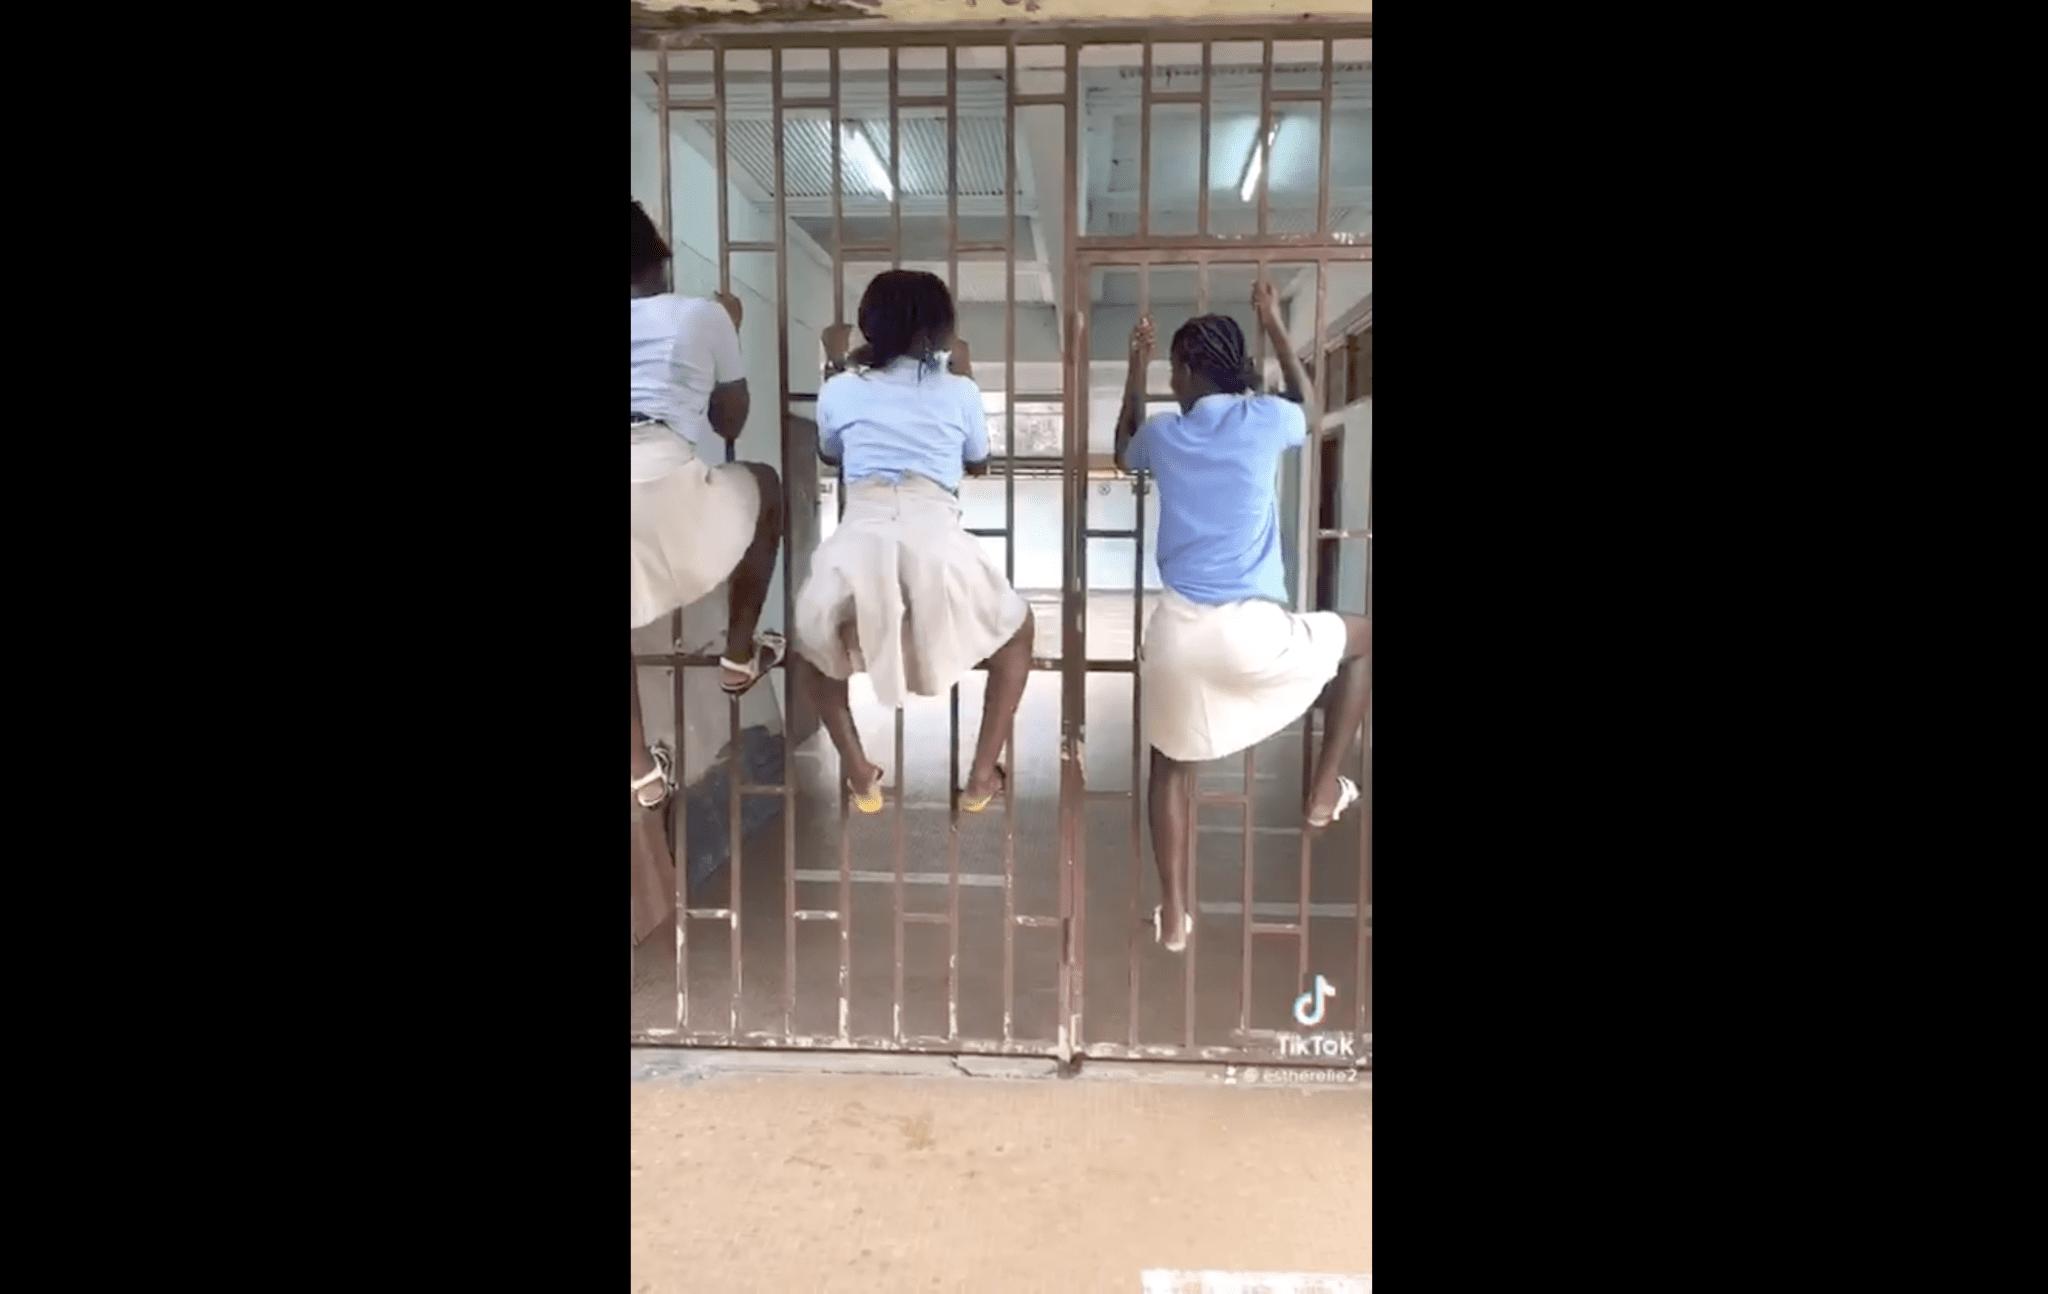 Vidéos obscènes au Gabon : De sévères sanctions en vue